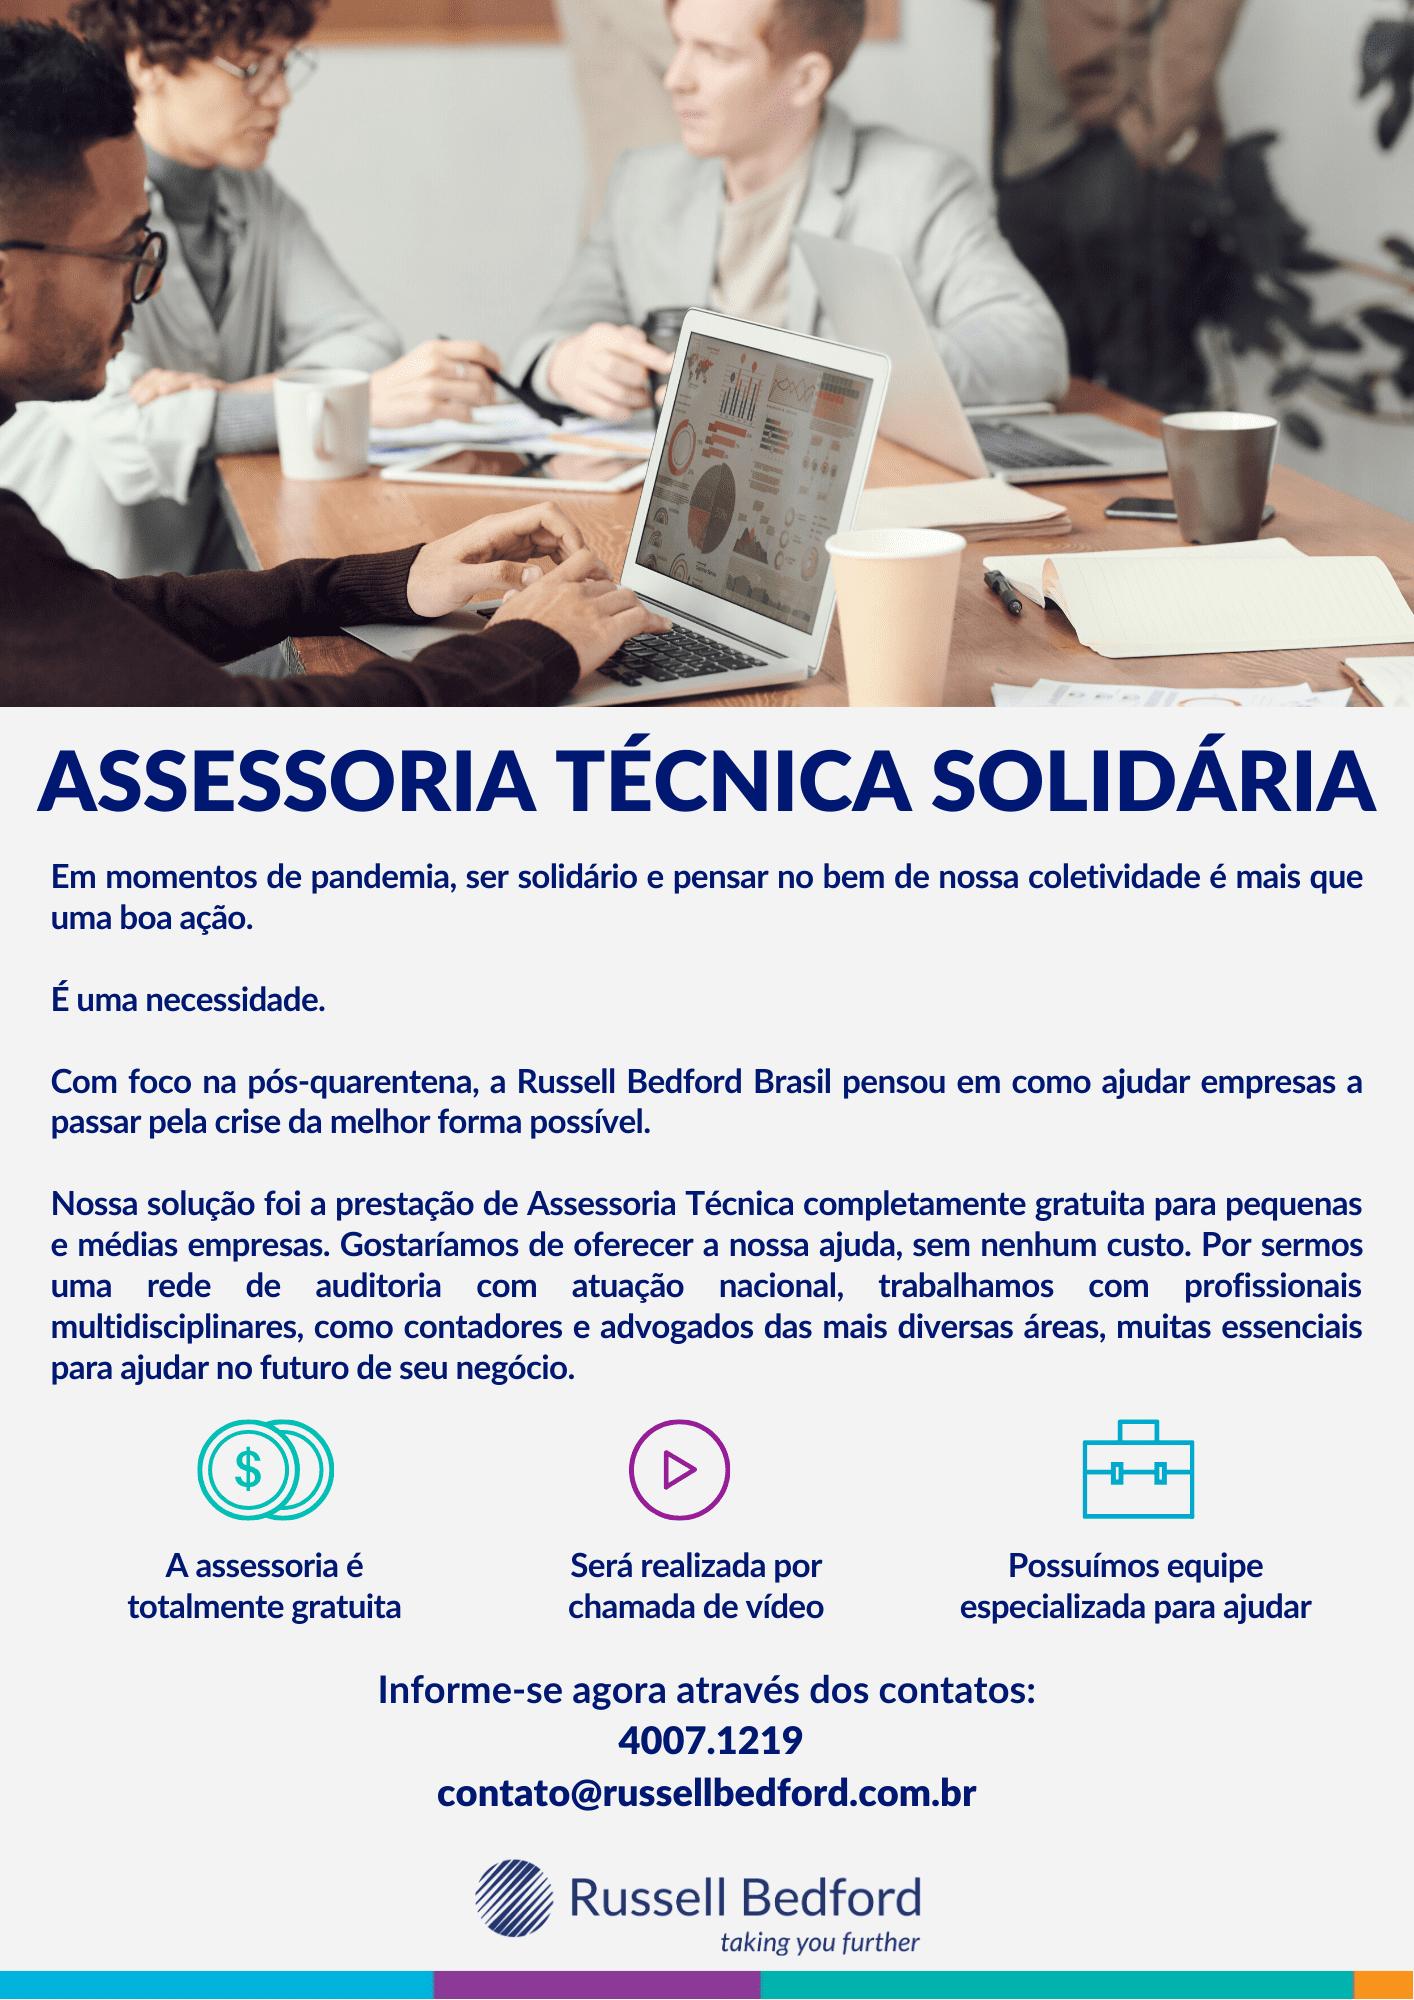 Assessoria Solidária